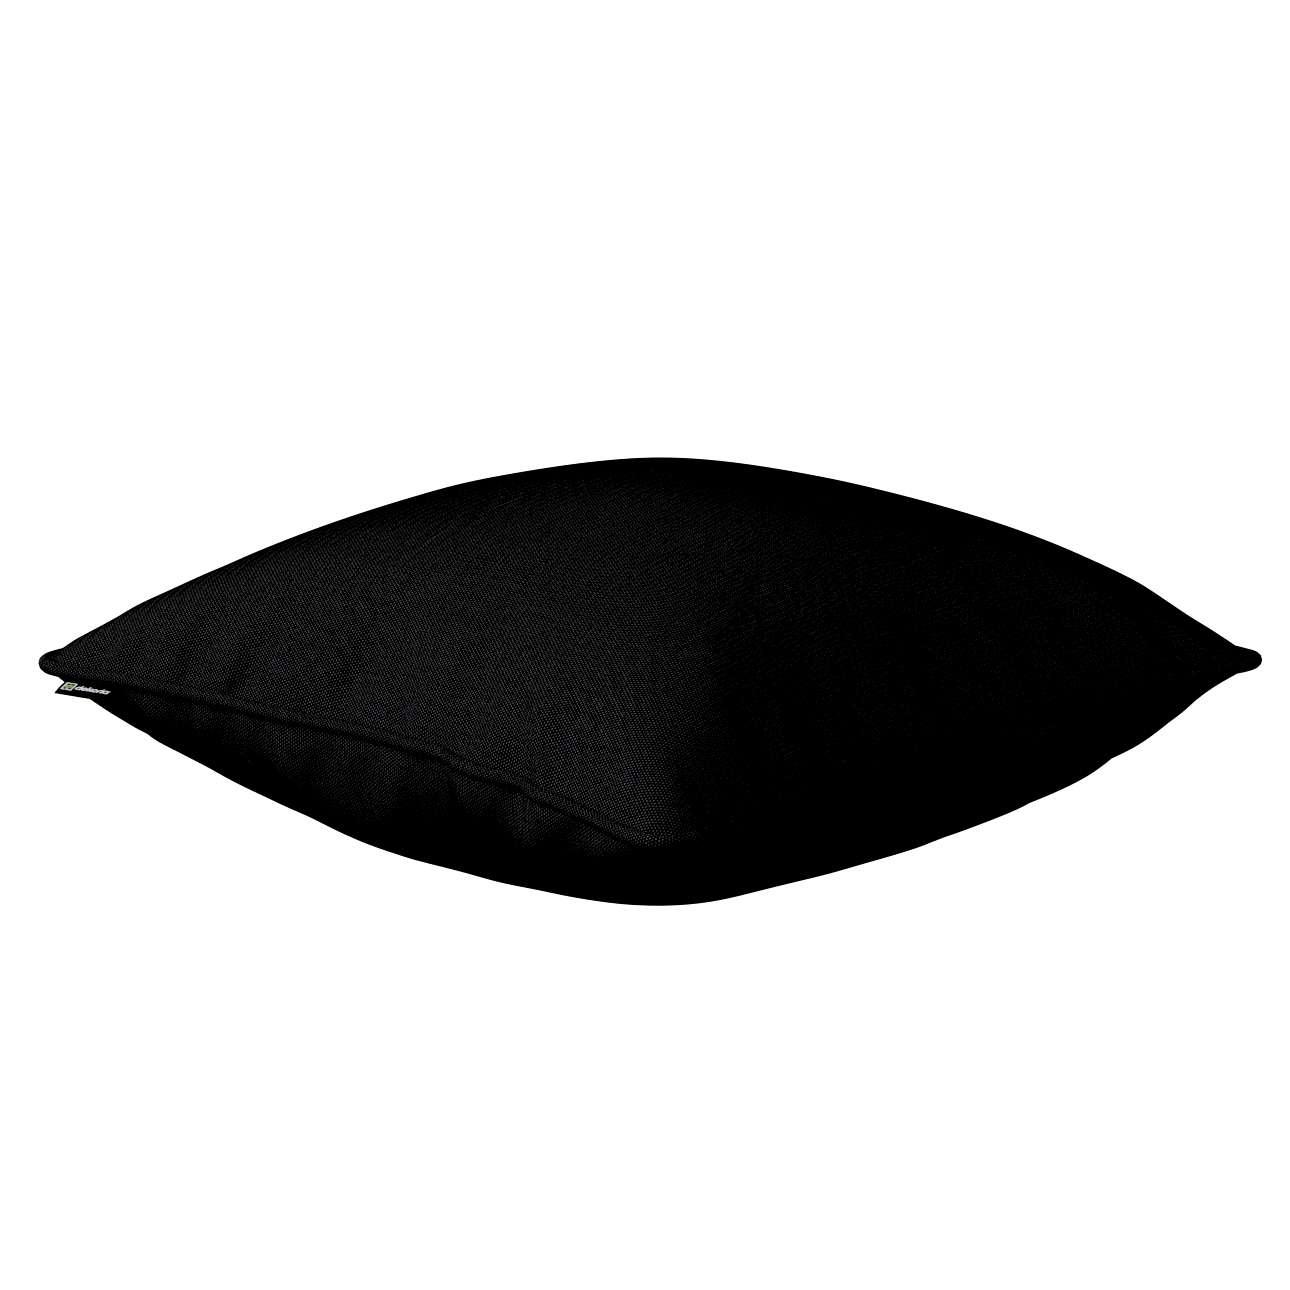 Kissenhülle Gabi mit Paspel 45 x 45 cm von der Kollektion Etna, Stoff: 705-00